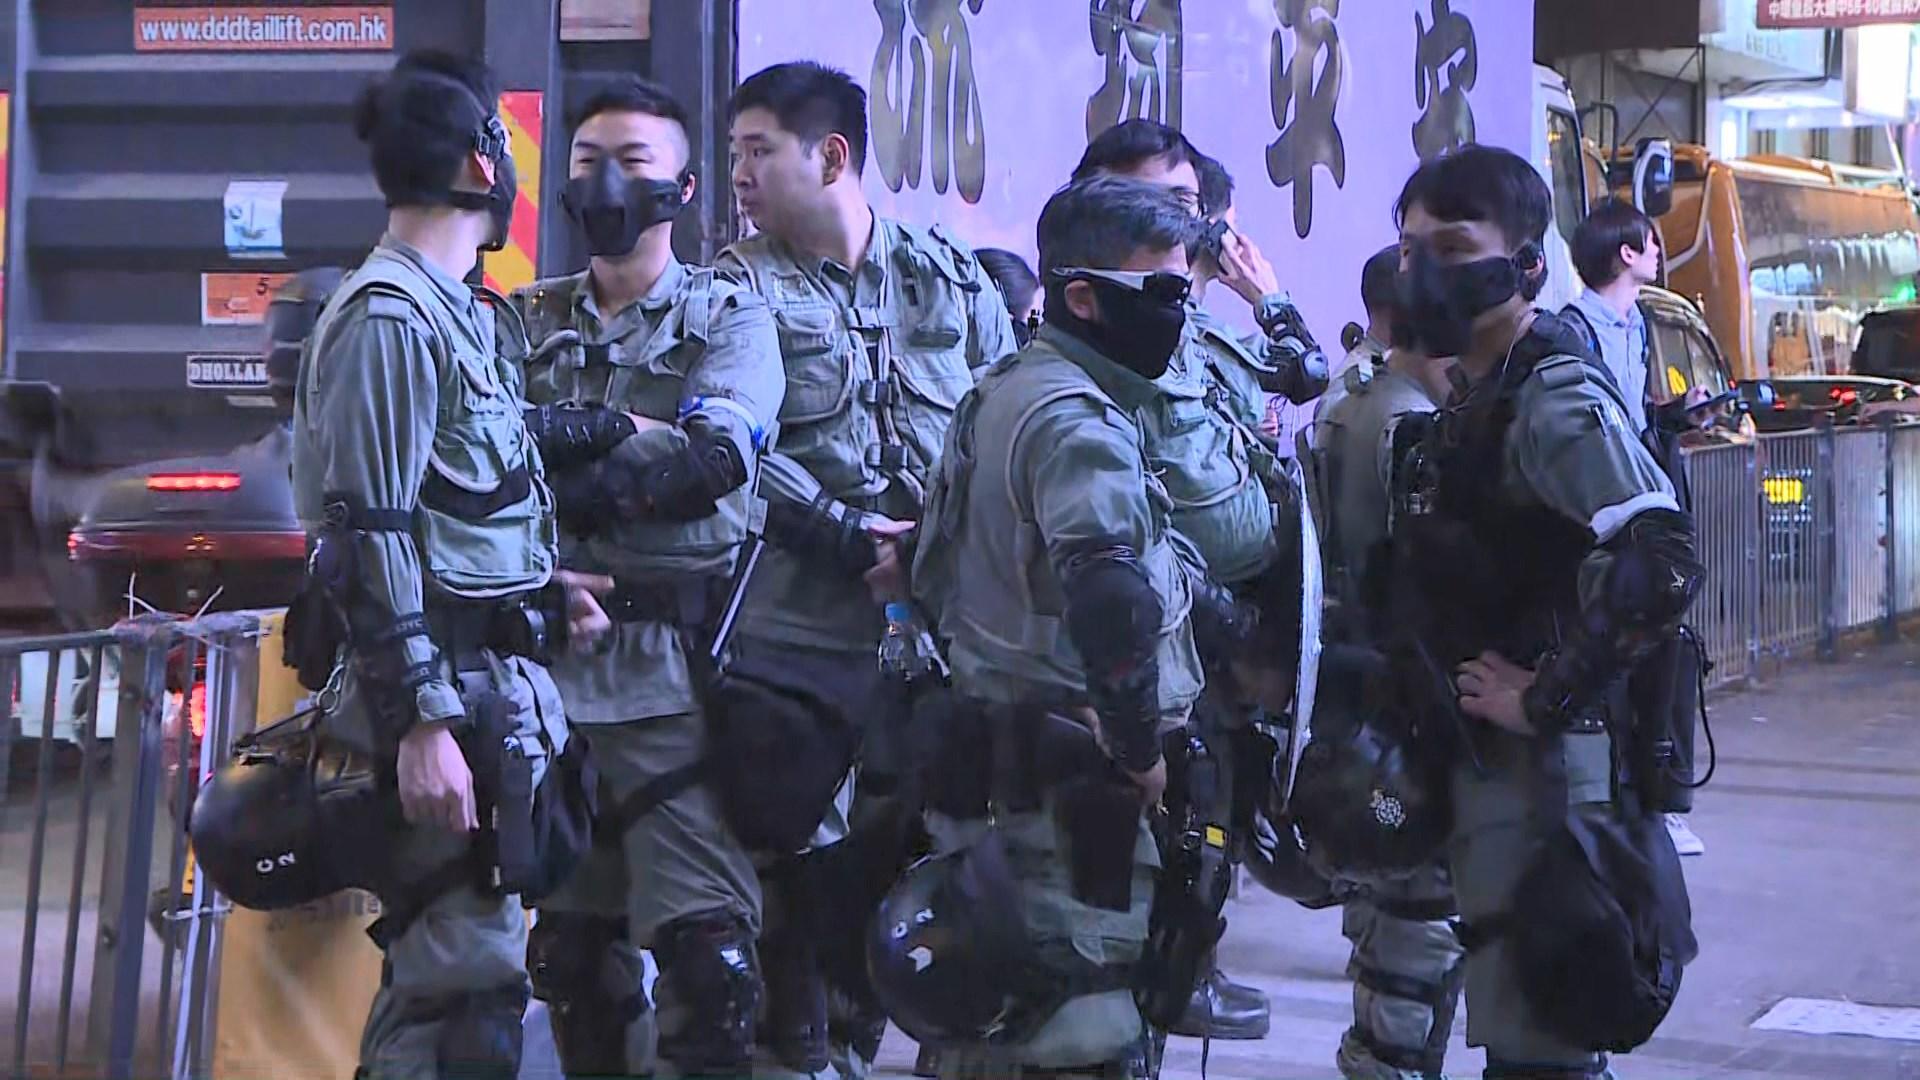 防暴警察在蘭桂坊附近戒備